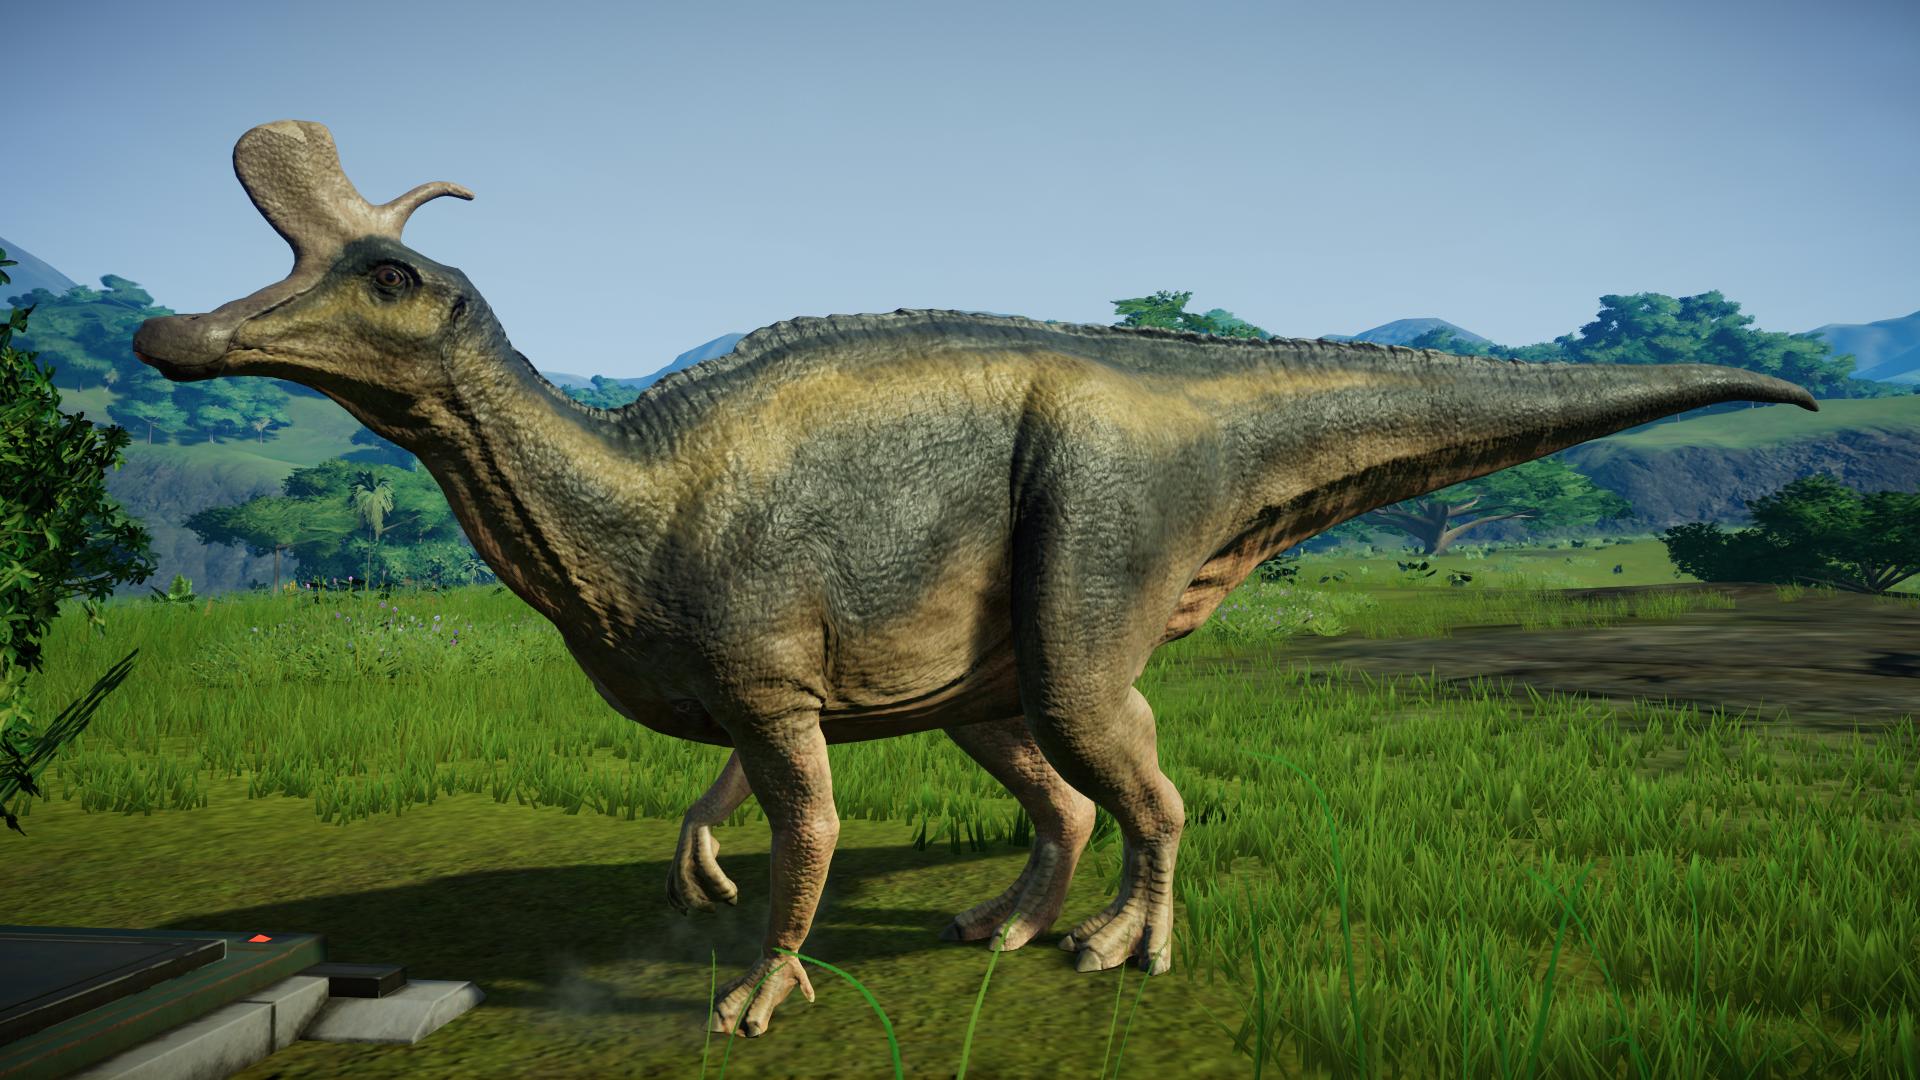 Lambeosaurus Mod For Jurassic World Evolution Mod Db Posts must be about jurassic world evolution, the video game. lambeosaurus mod for jurassic world